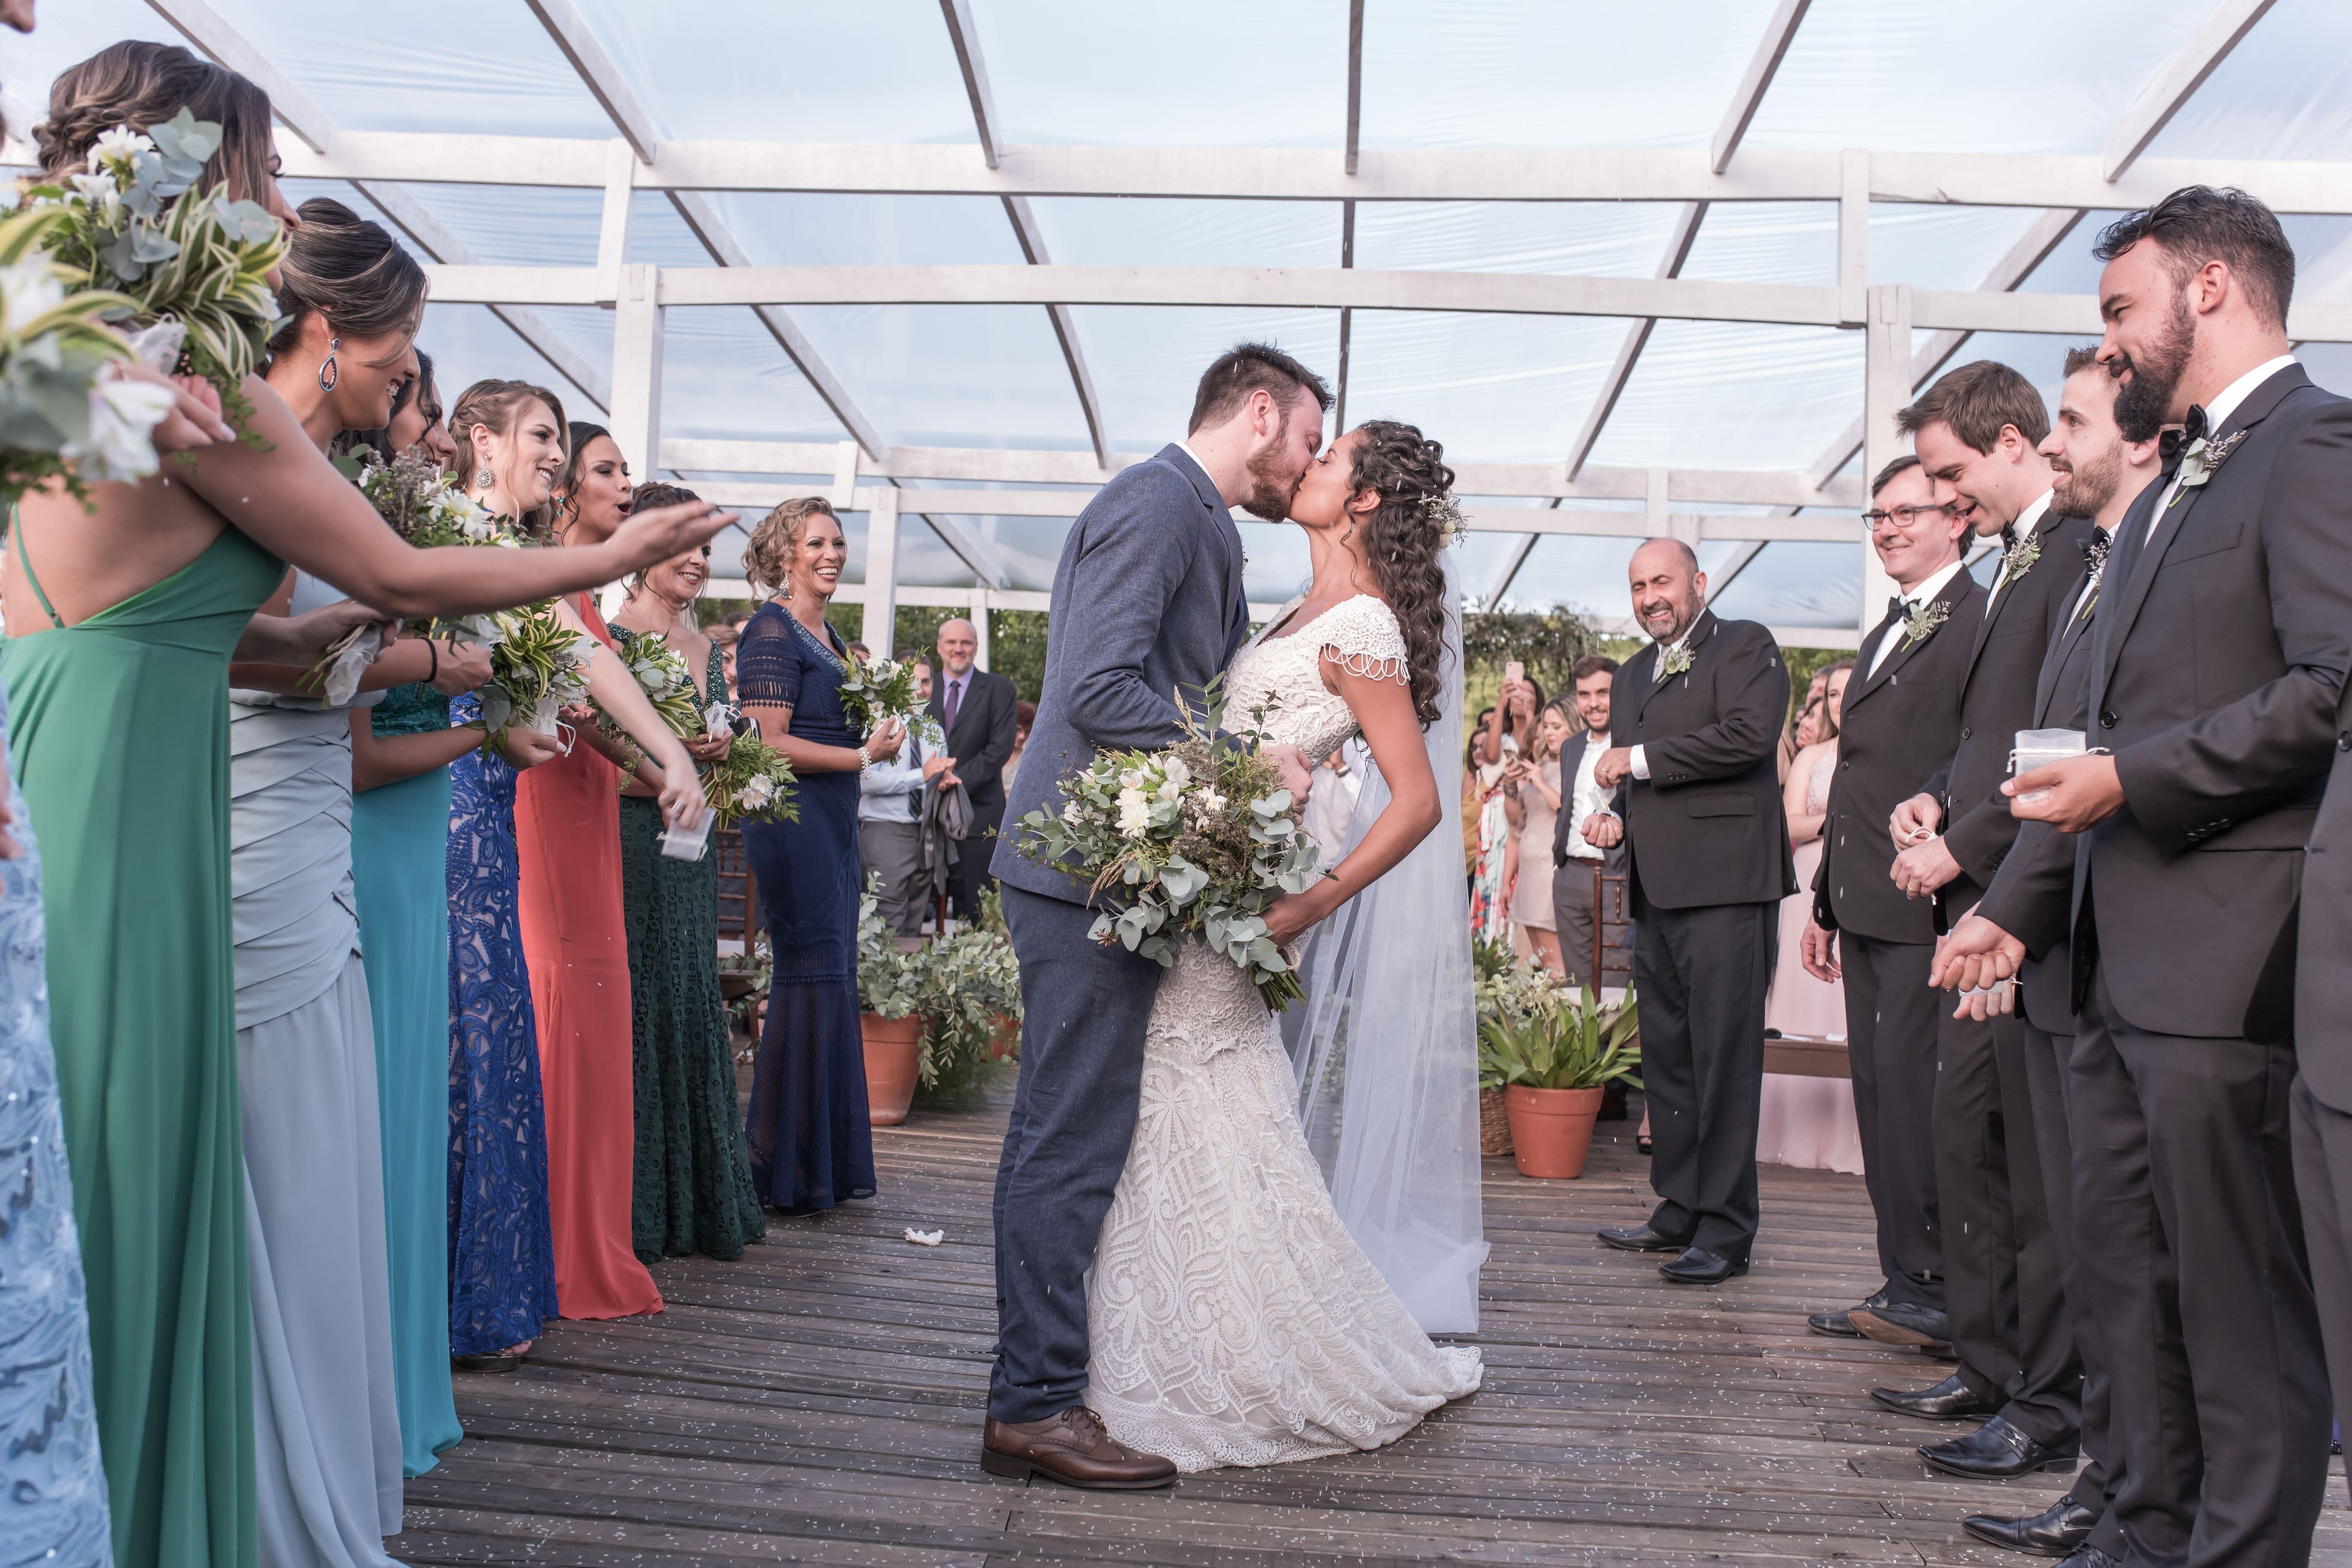 beijo dos noivos na cerimônia de casamento ao ar livre